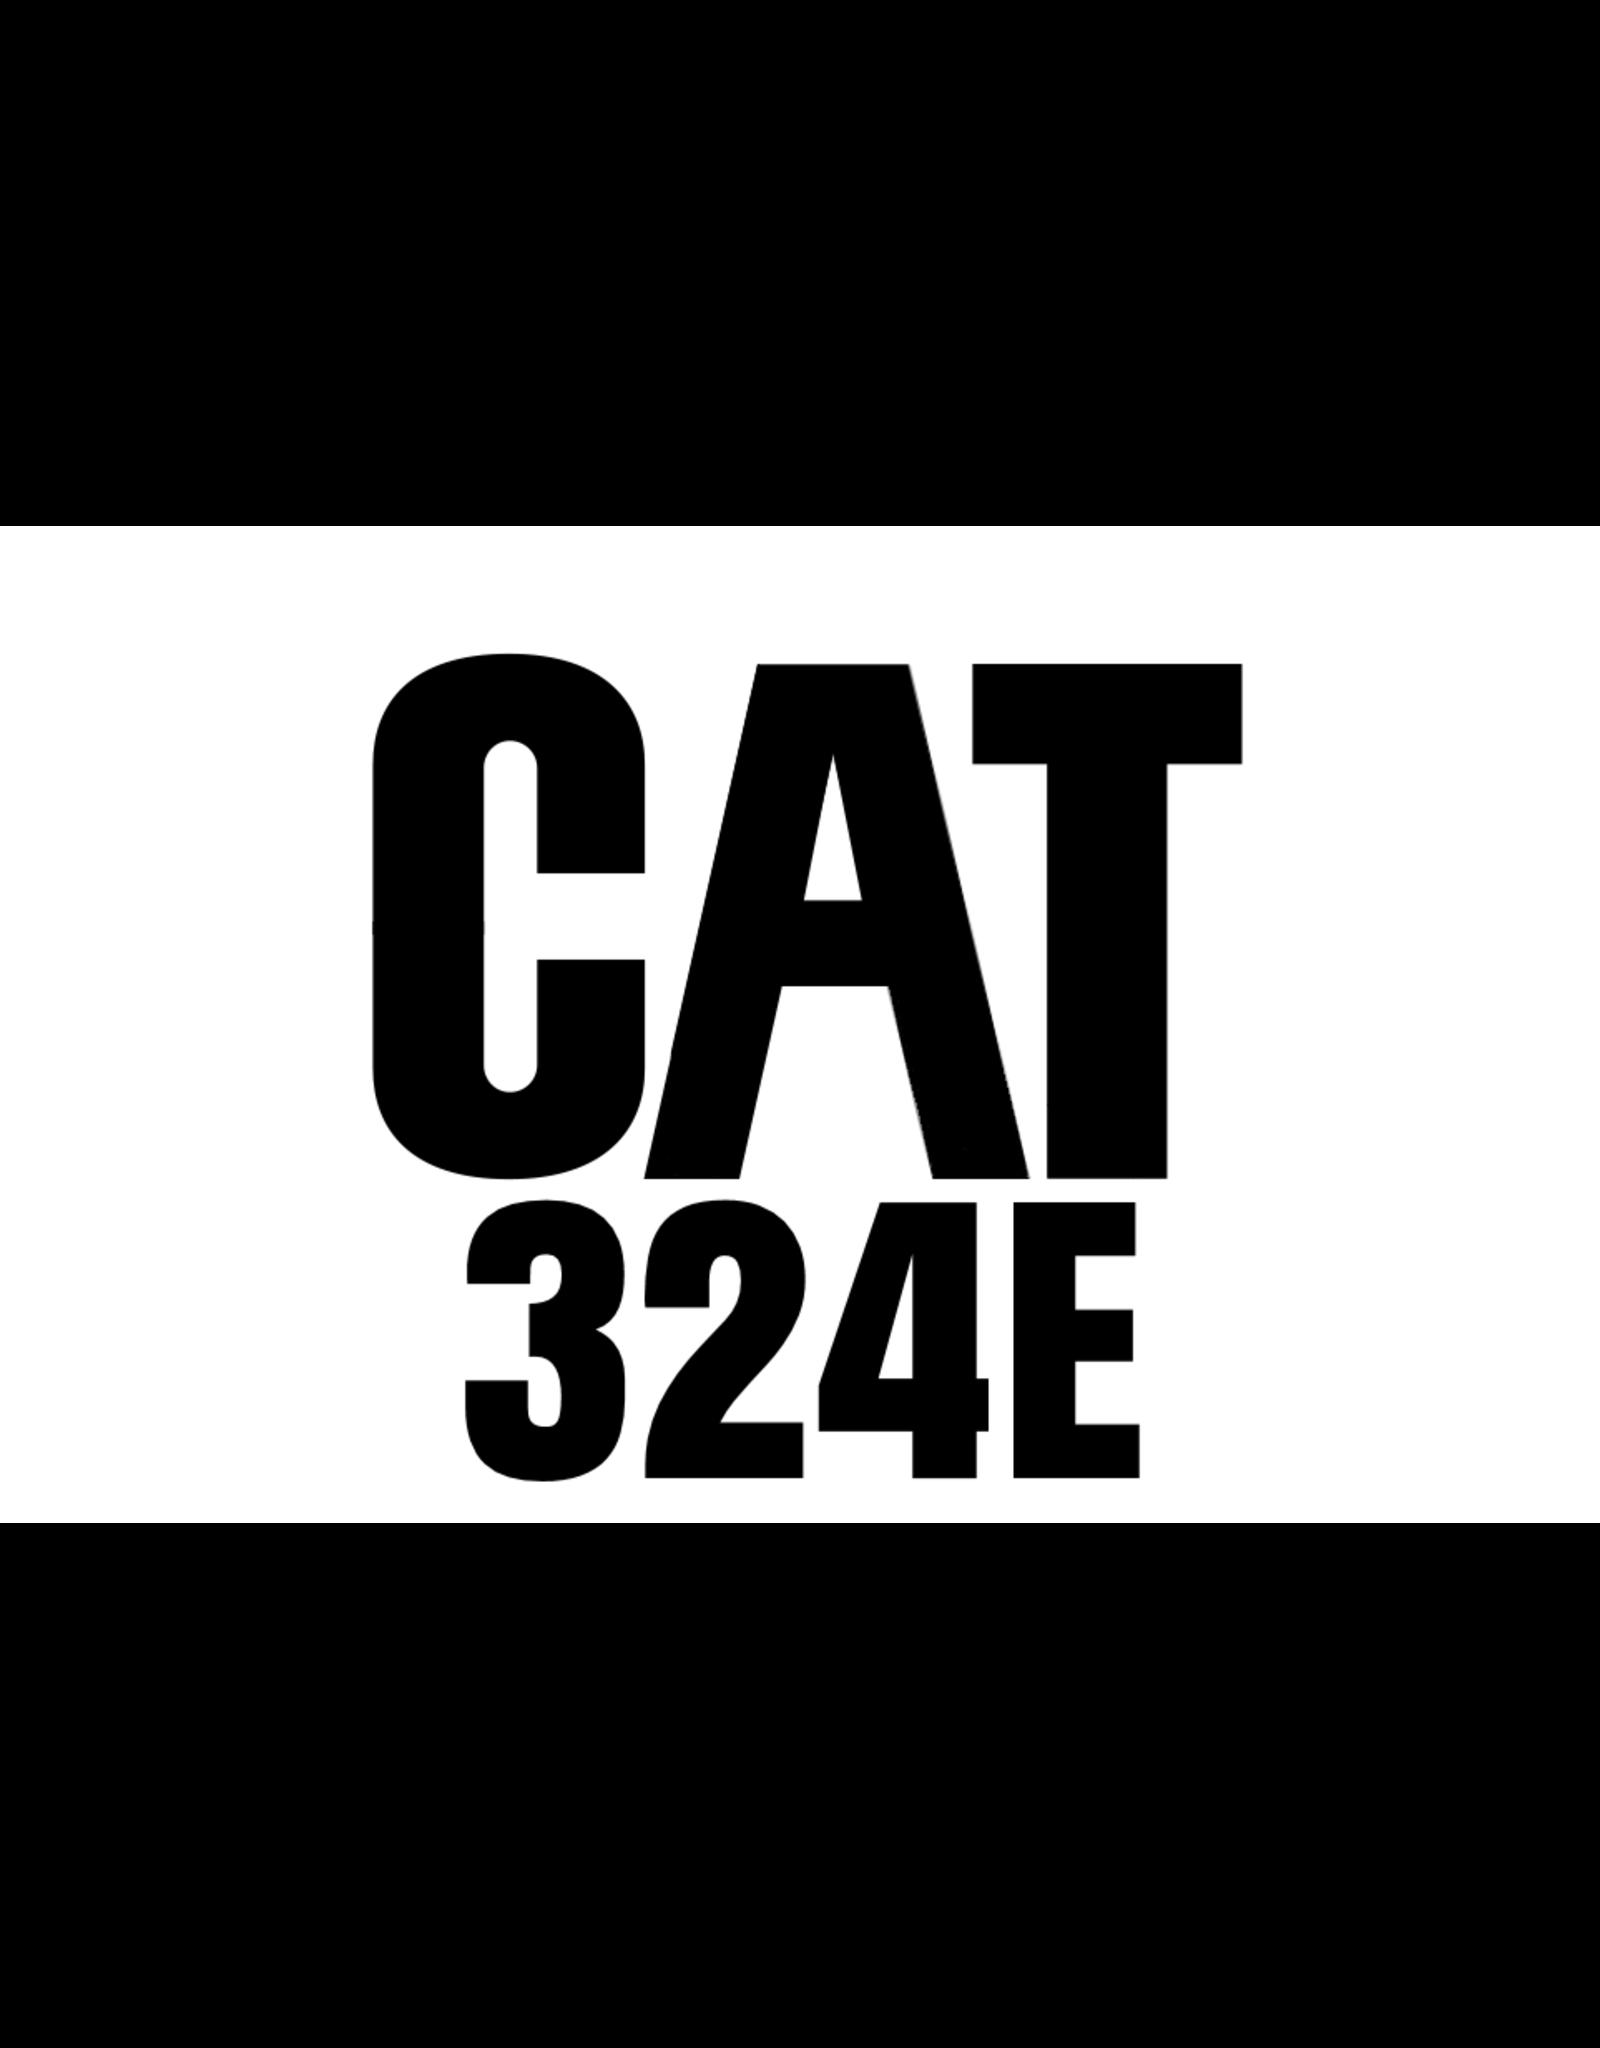 Echle Hartstahl GmbH FOPS for CAT 324E